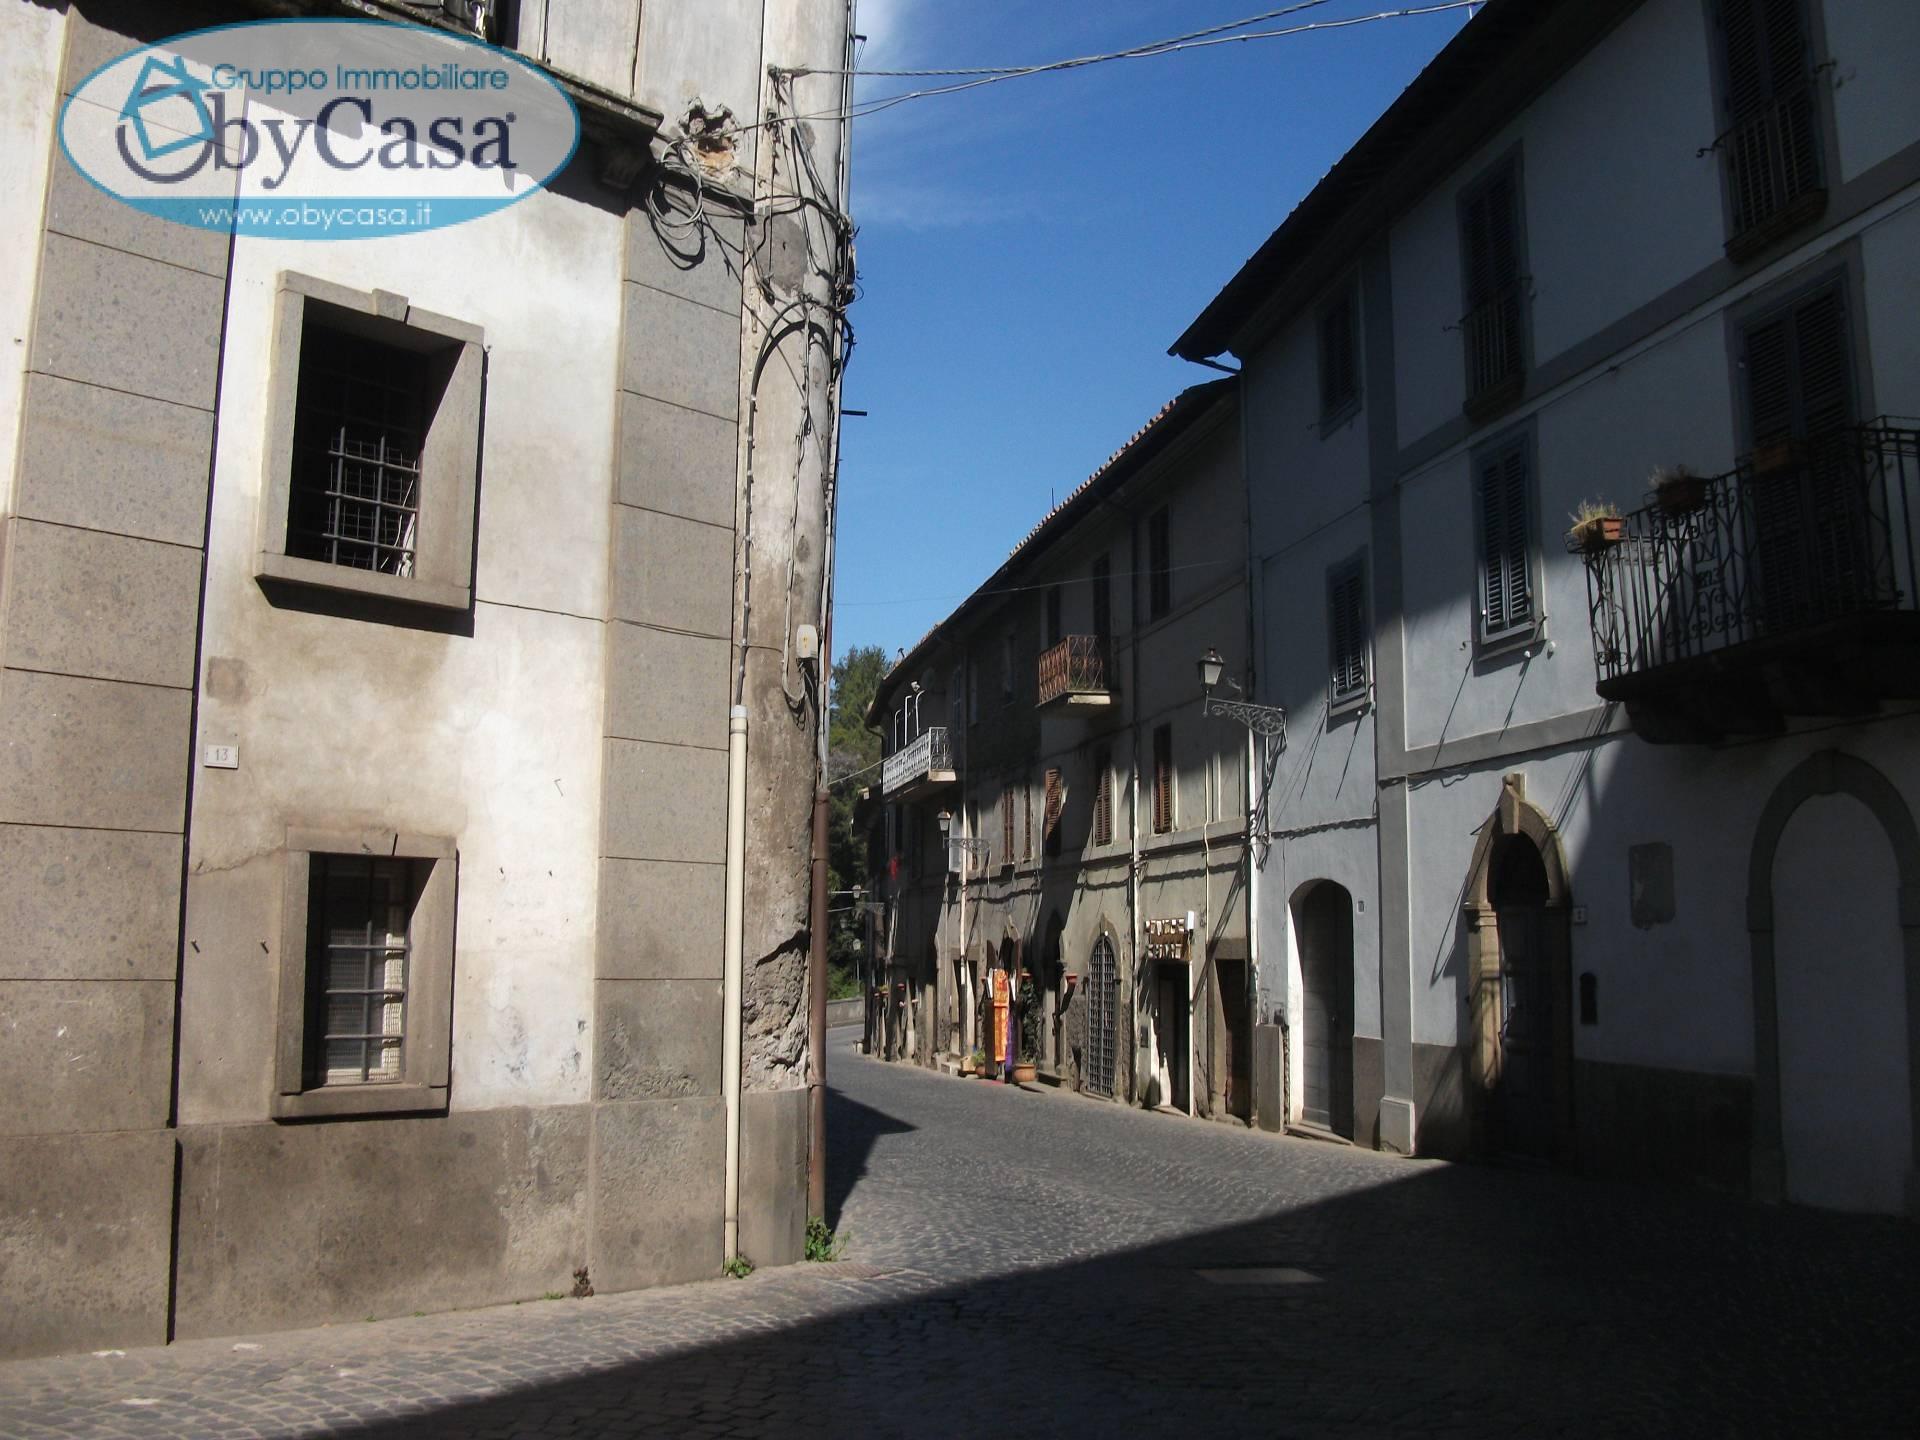 Magazzino in vendita a Bassano Romano, 3 locali, zona Località: bassanoromano, prezzo € 17.000 | CambioCasa.it